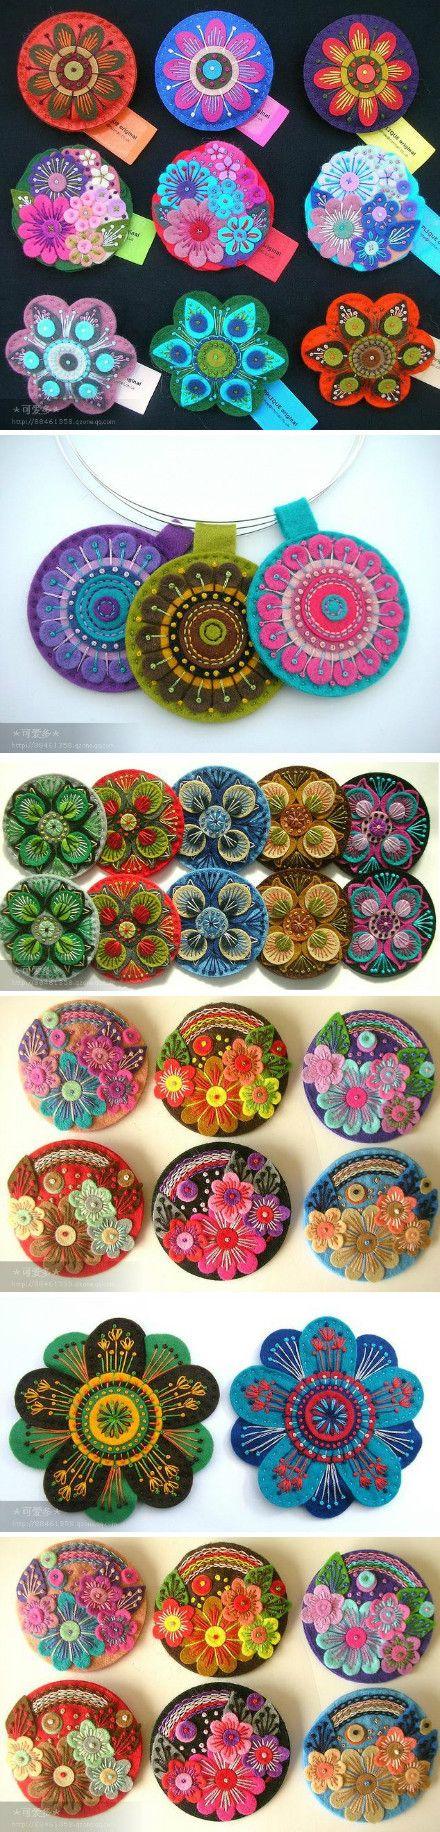 Flores de paño lenci con aplicaciones tejidas